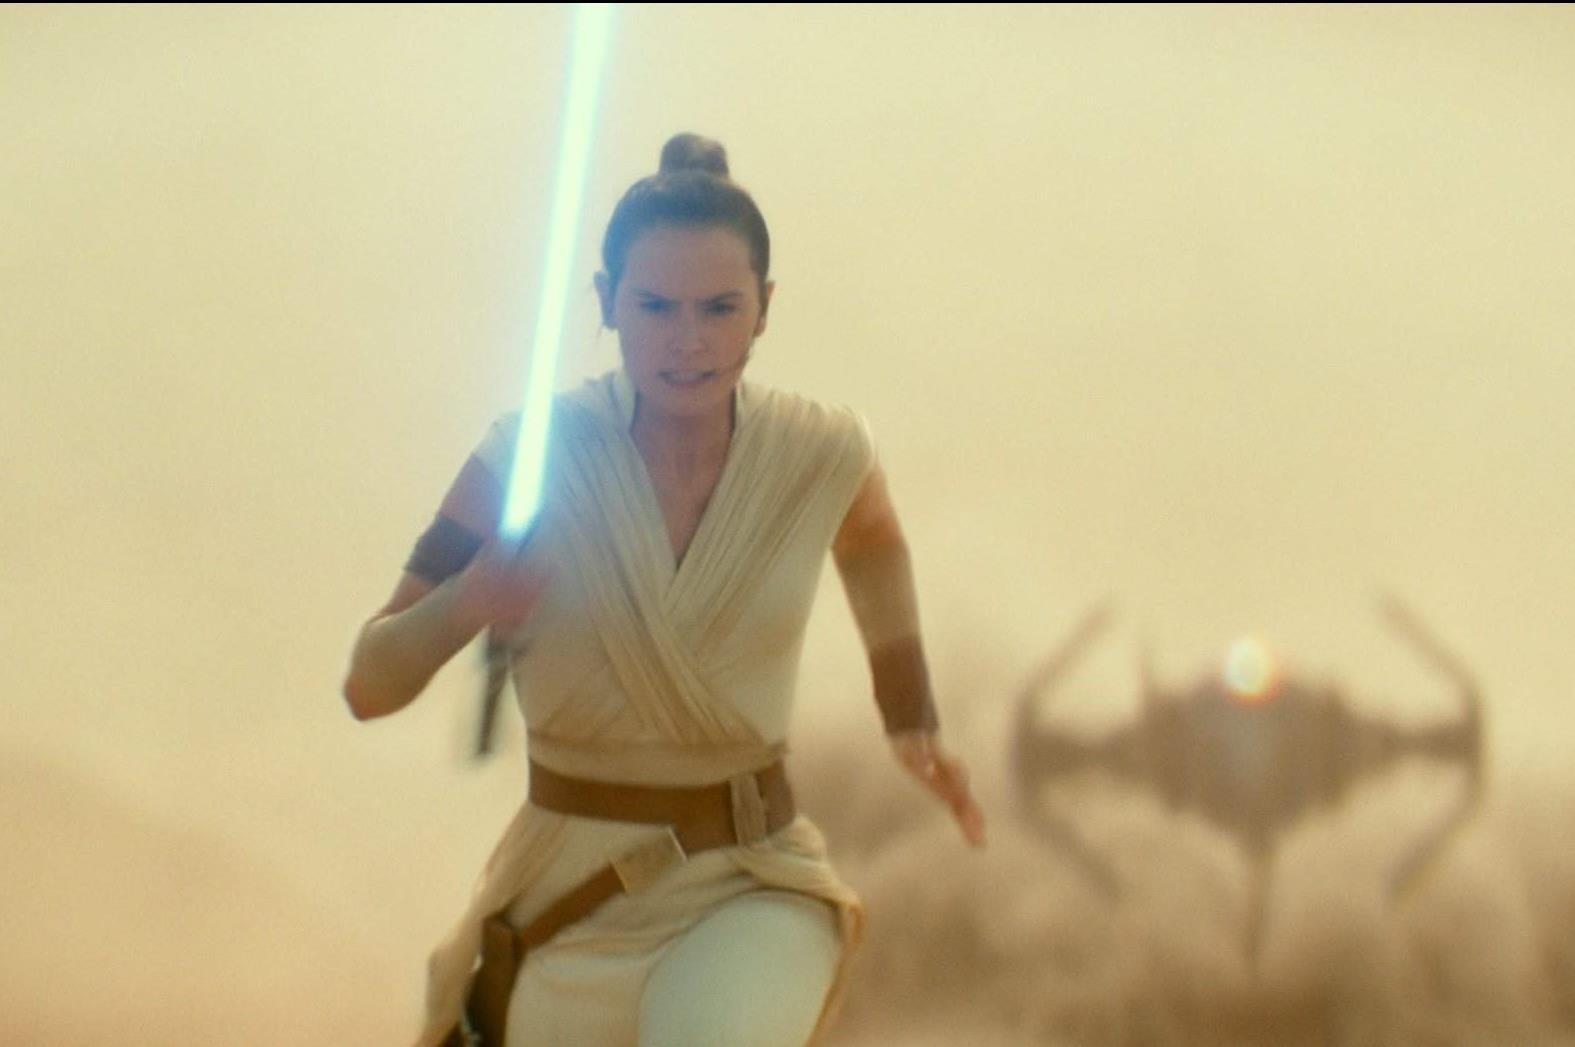 Friss hírek: A Star Wars: Skywalker kora megválaszolja majd a legfontosabb kérdéseket.